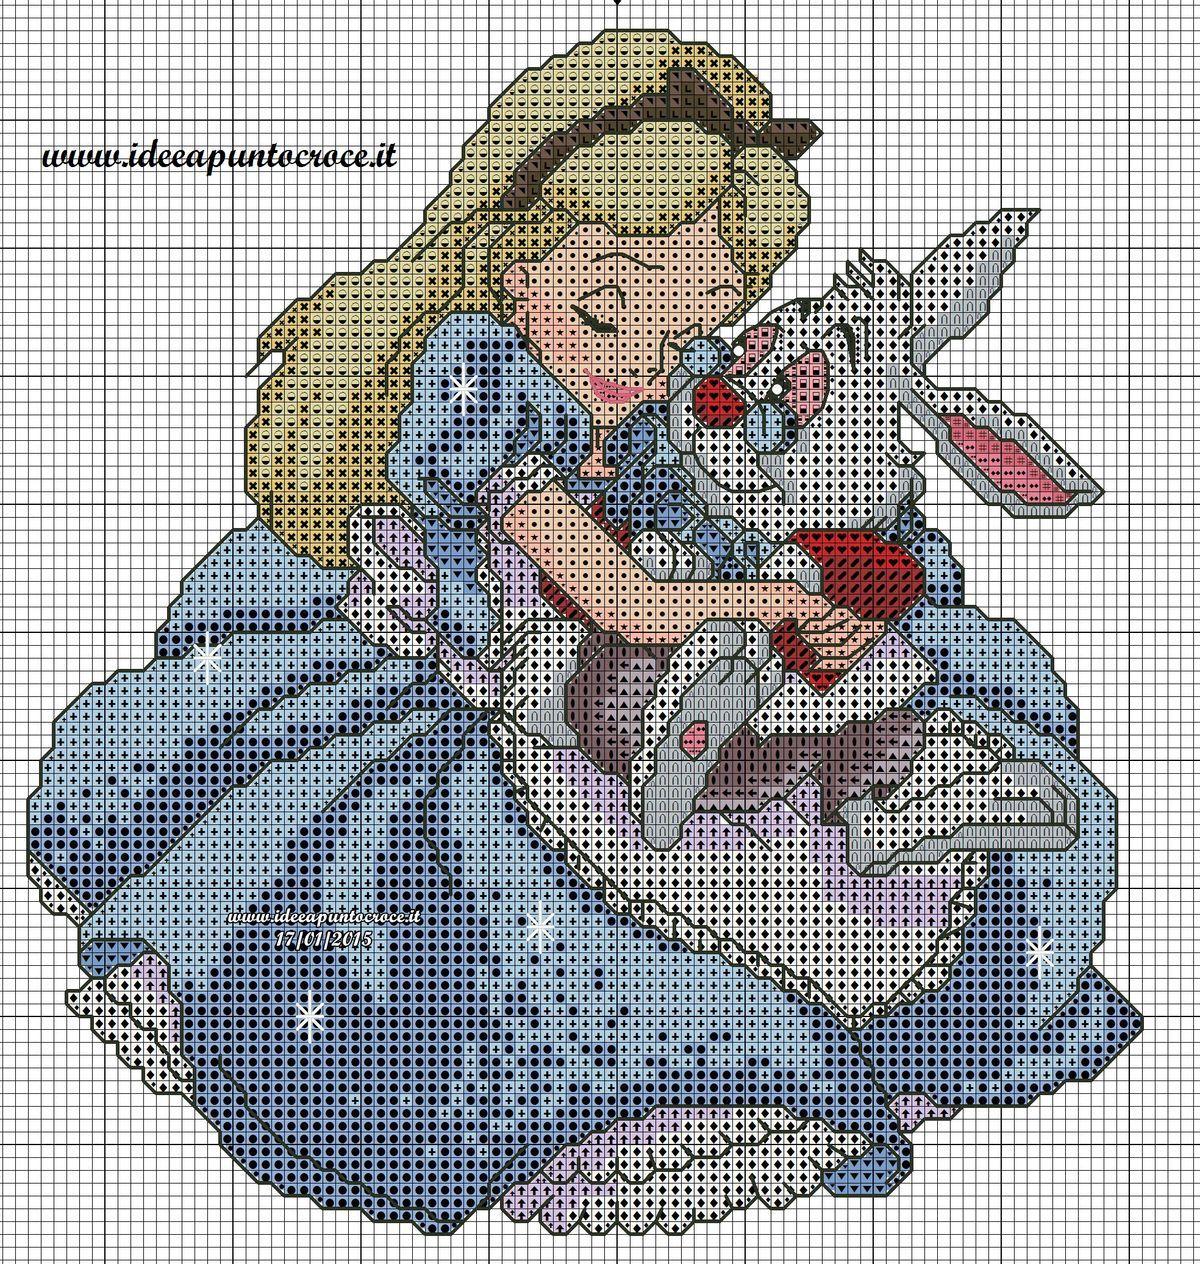 Pin By Vkessler On Cross Stich Disney Cross Stitch